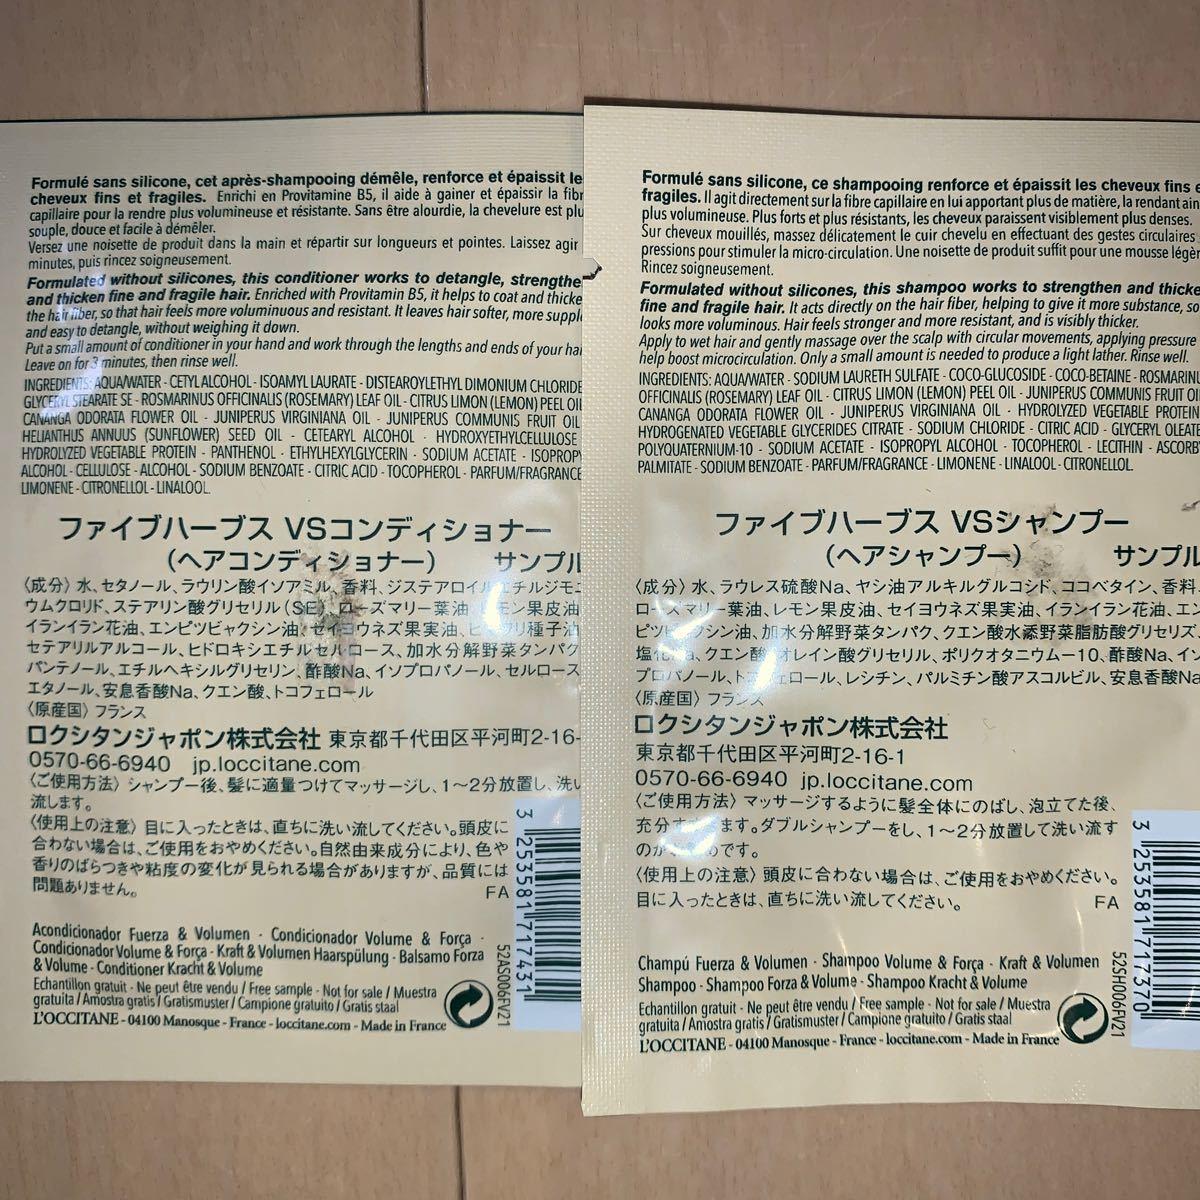 ロクシタン シャンプー&コンディショナー サンプル